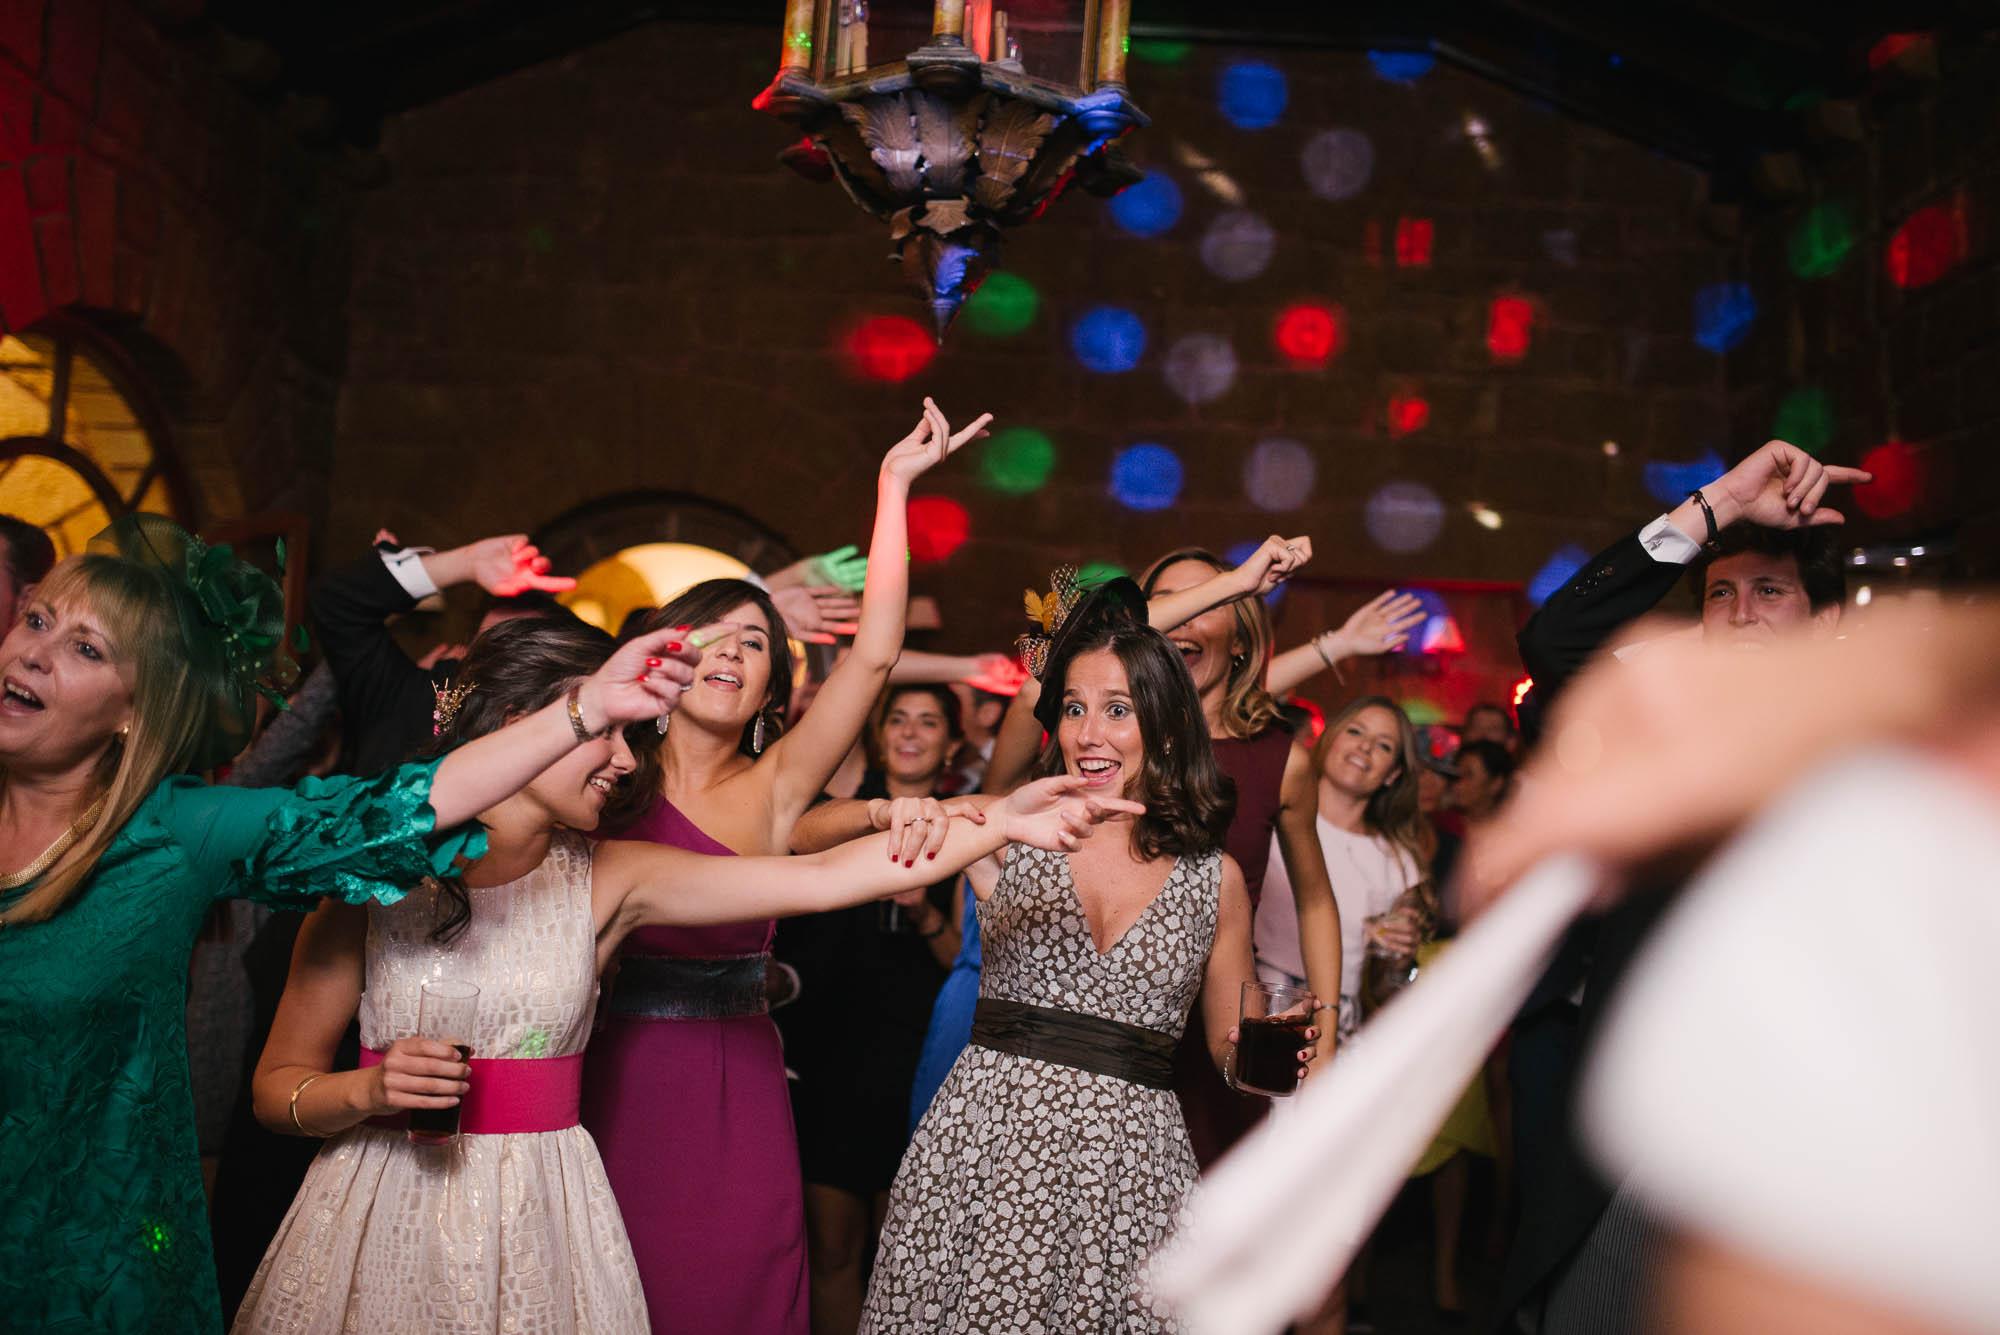 Los invitados bailan una coreografía en la fiesta de la boda